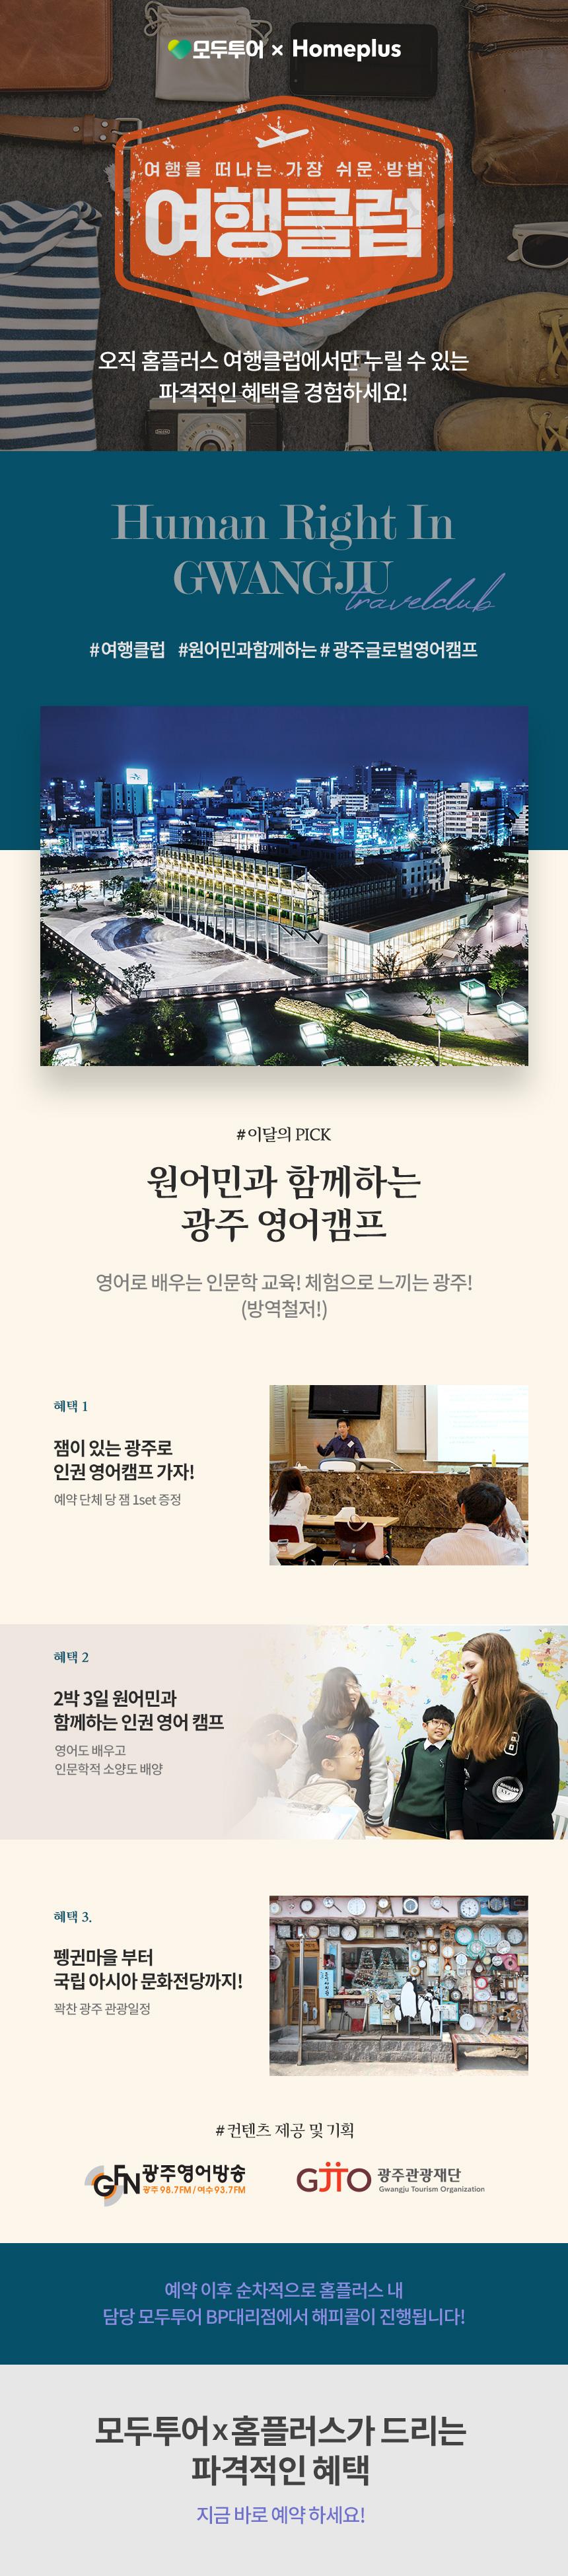 여행클럽 모두투어x홈플러스 광주